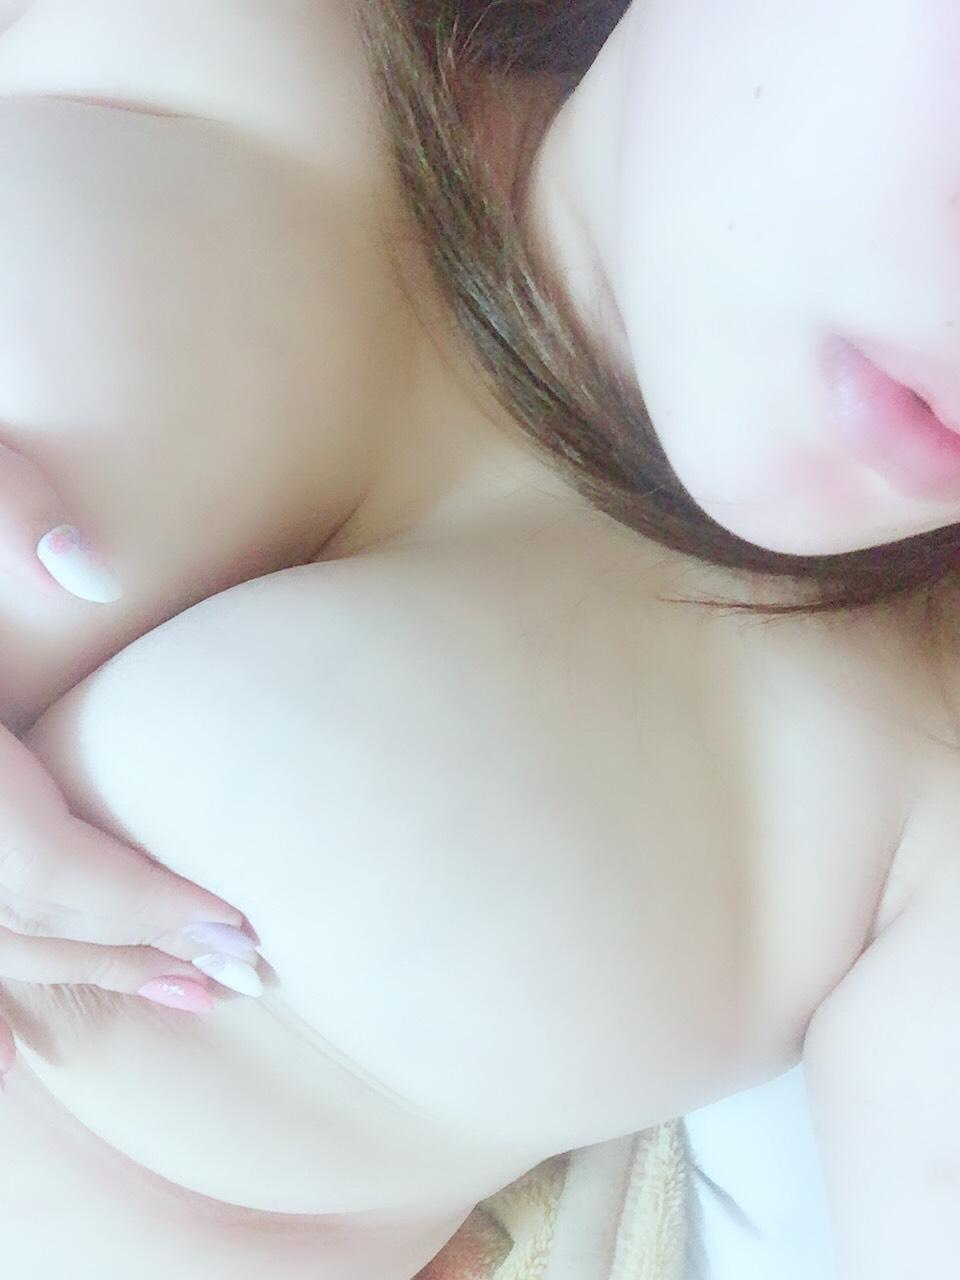 「シャシャリゾートのお兄さん★」07/09(月) 20:35   せりなの写メ・風俗動画